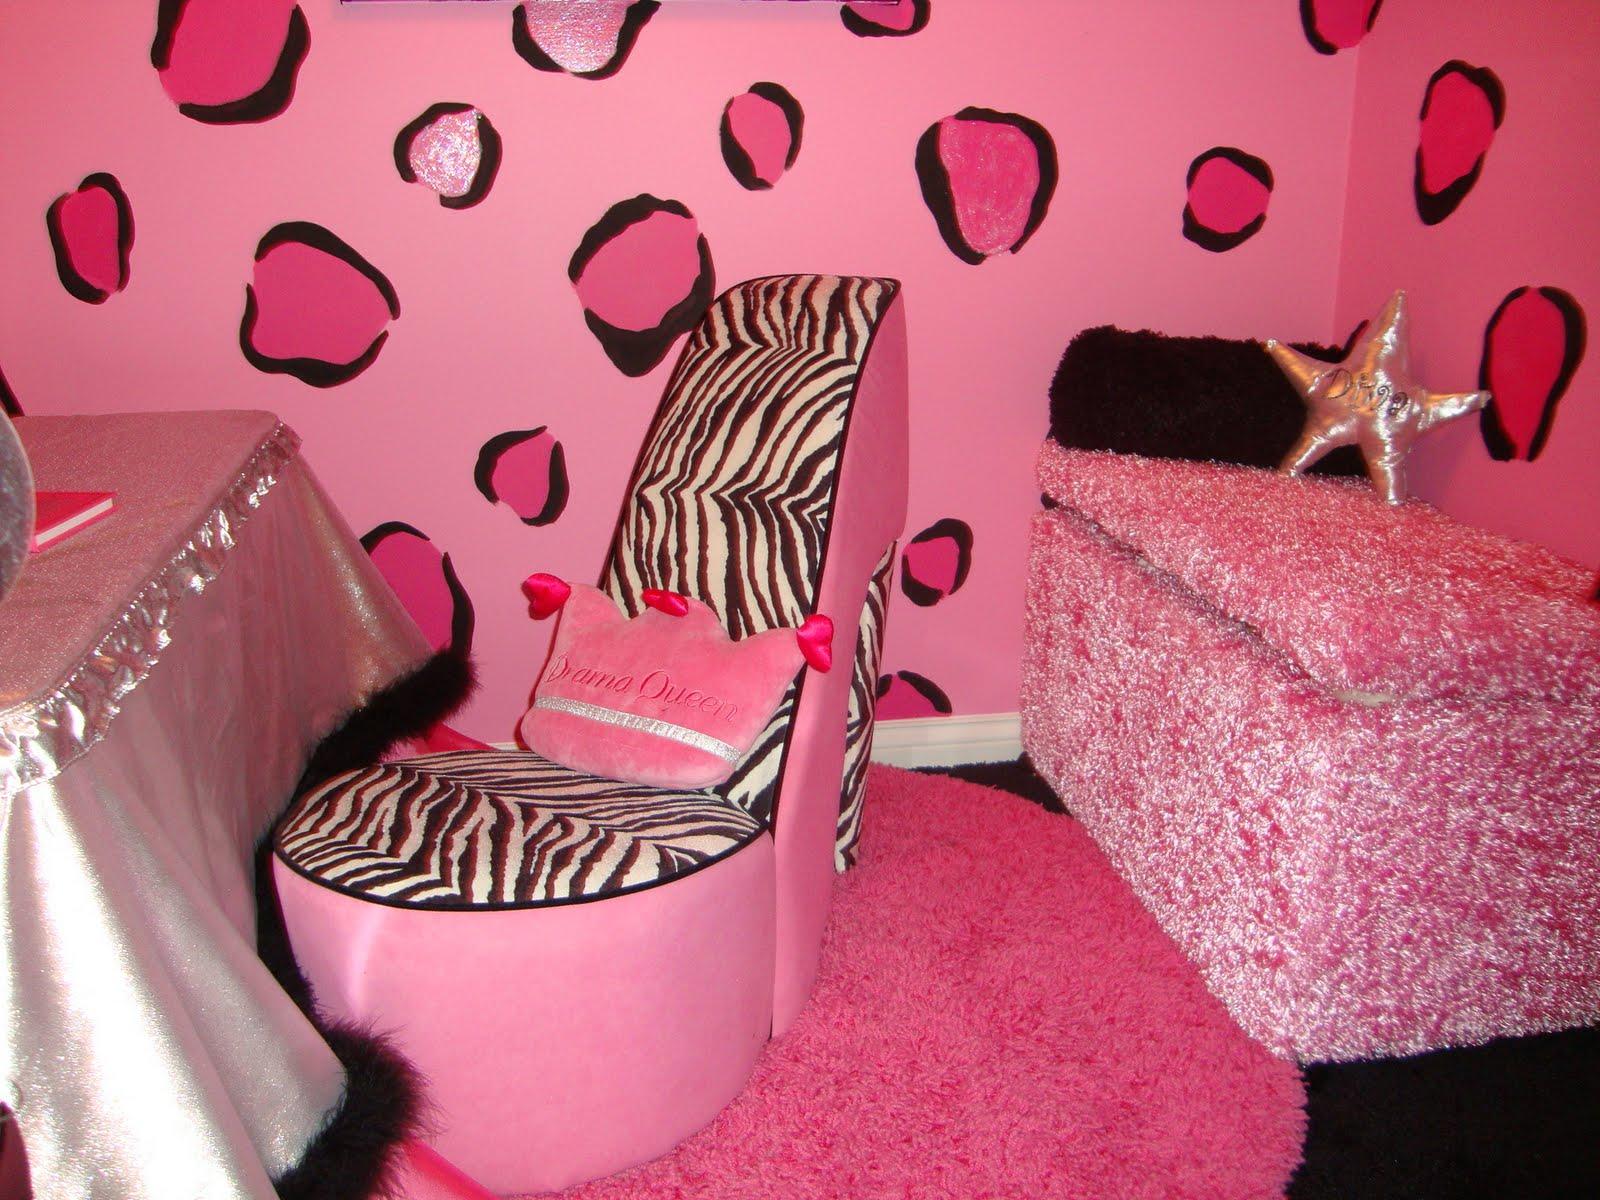 http://3.bp.blogspot.com/_L-deInbQA9c/S-GiJfLSHzI/AAAAAAAAHeU/FsL5E6jOZWg/s1600/super-pink-zebra-teen-hangout-room.JPG